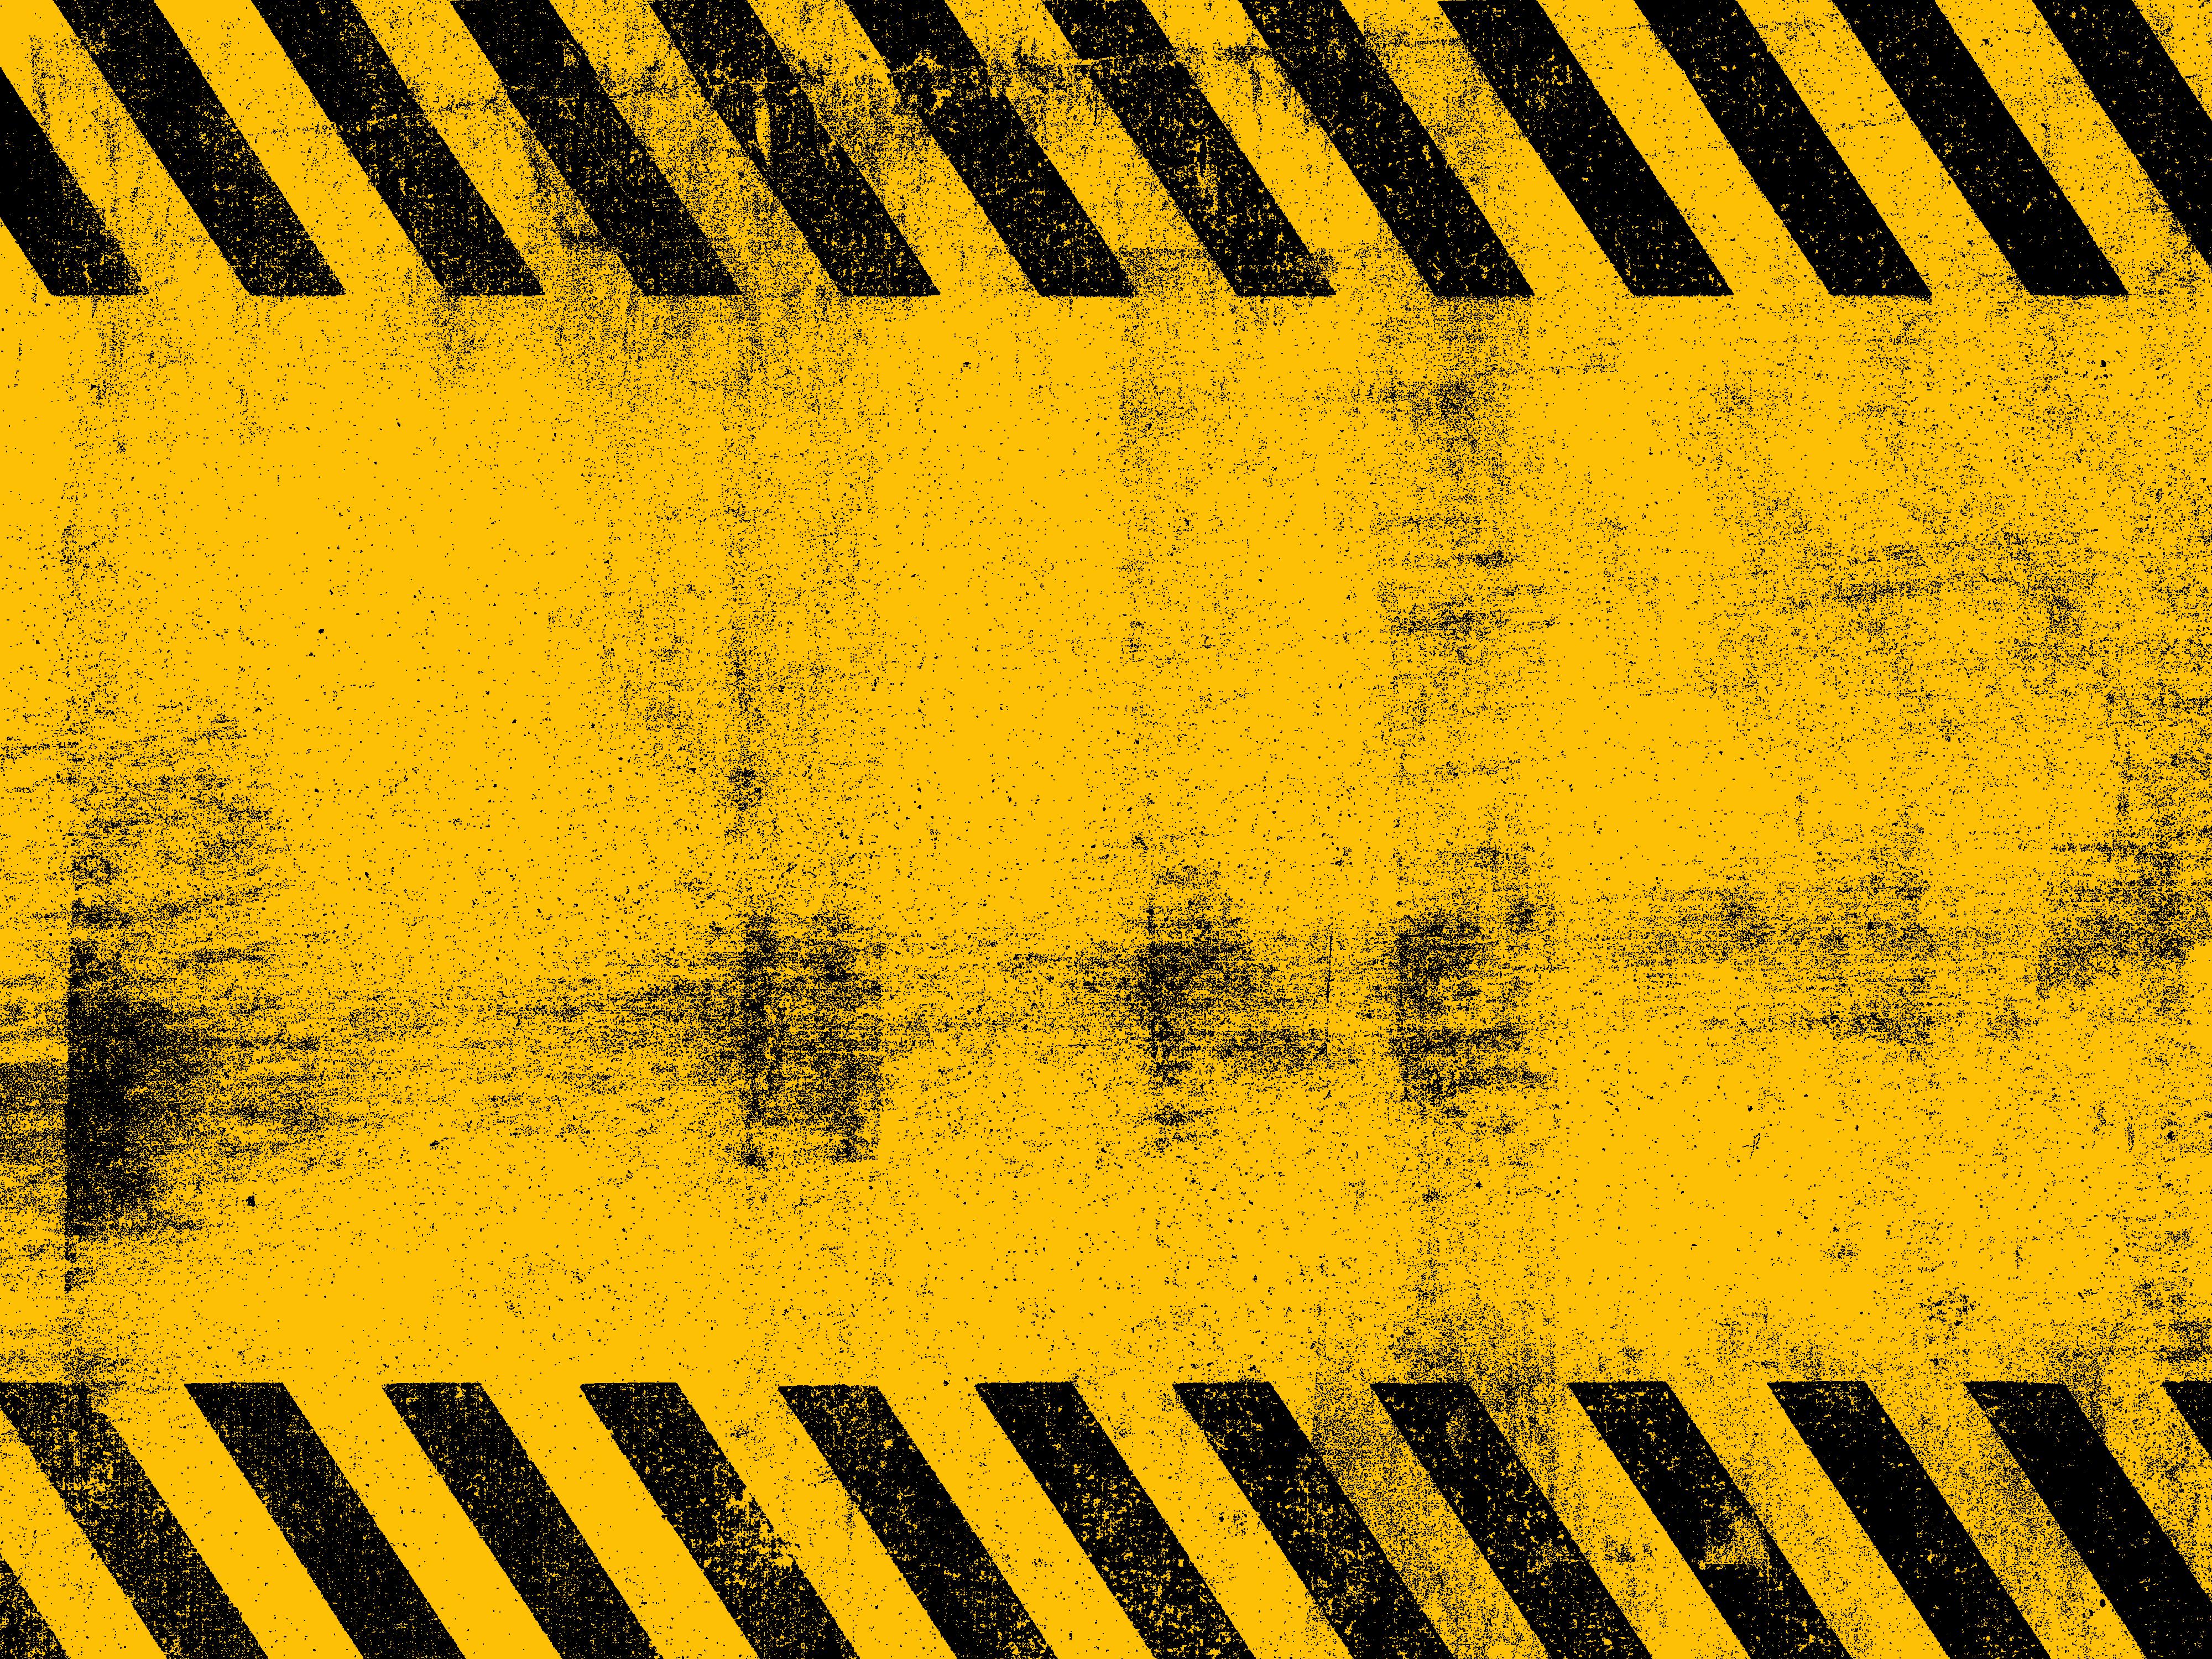 grunge-warning-line-background-5.png